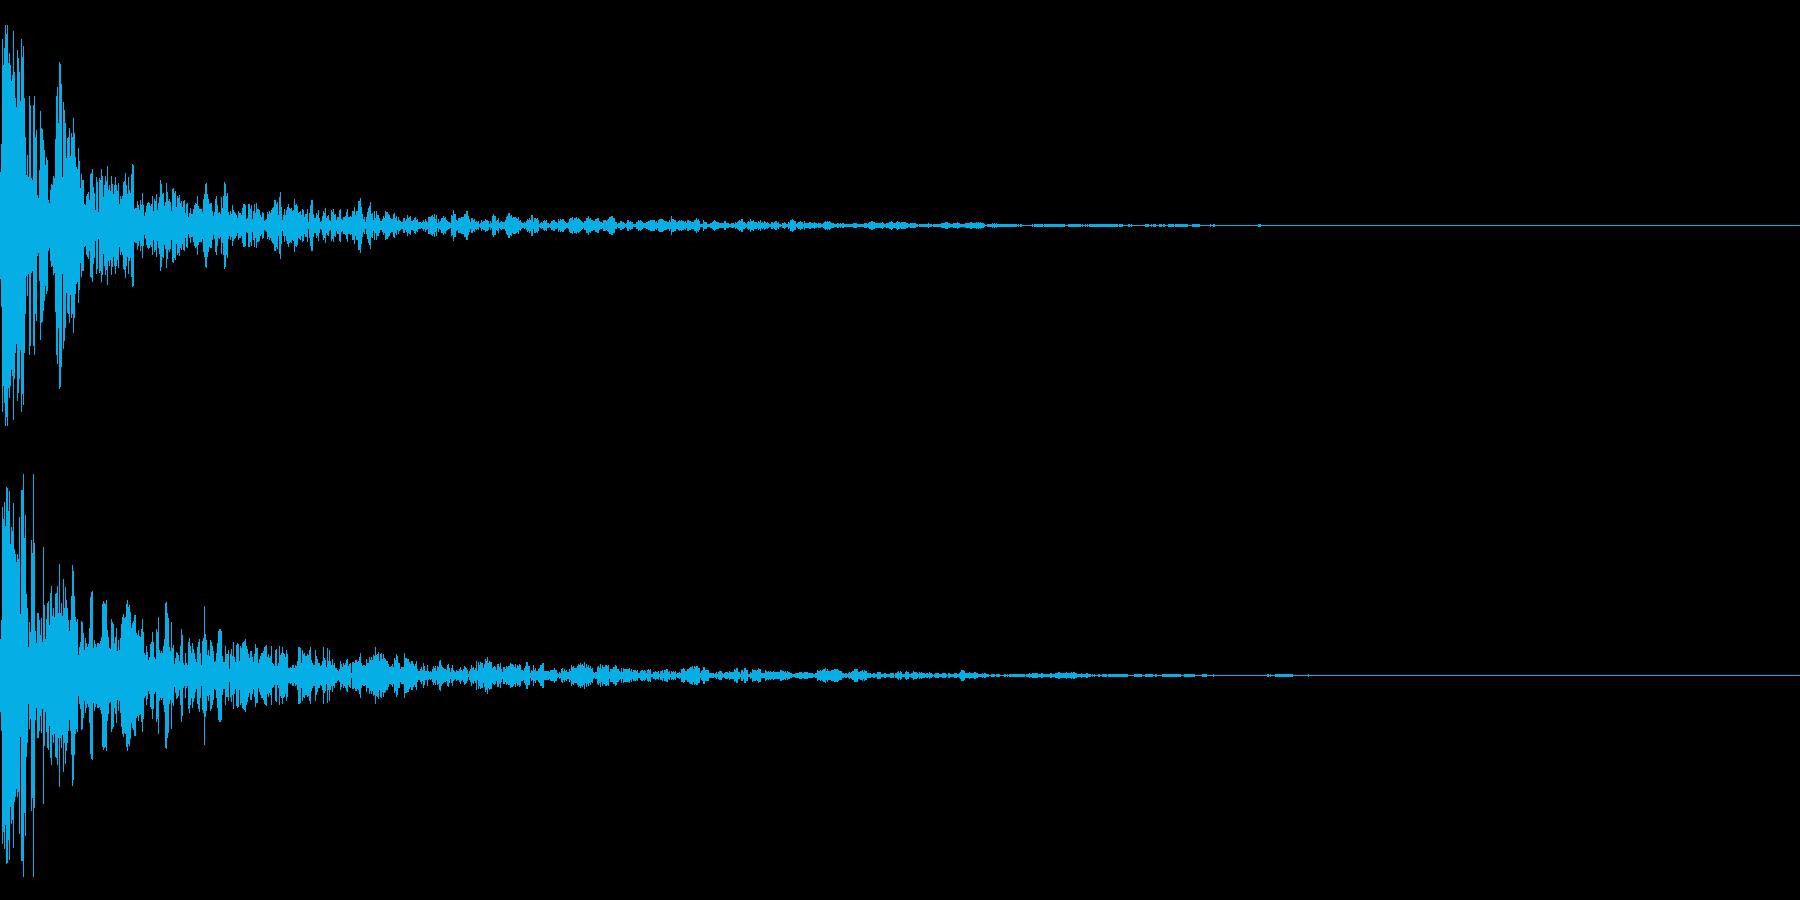 ドーン-25-1(インパクト音)の再生済みの波形